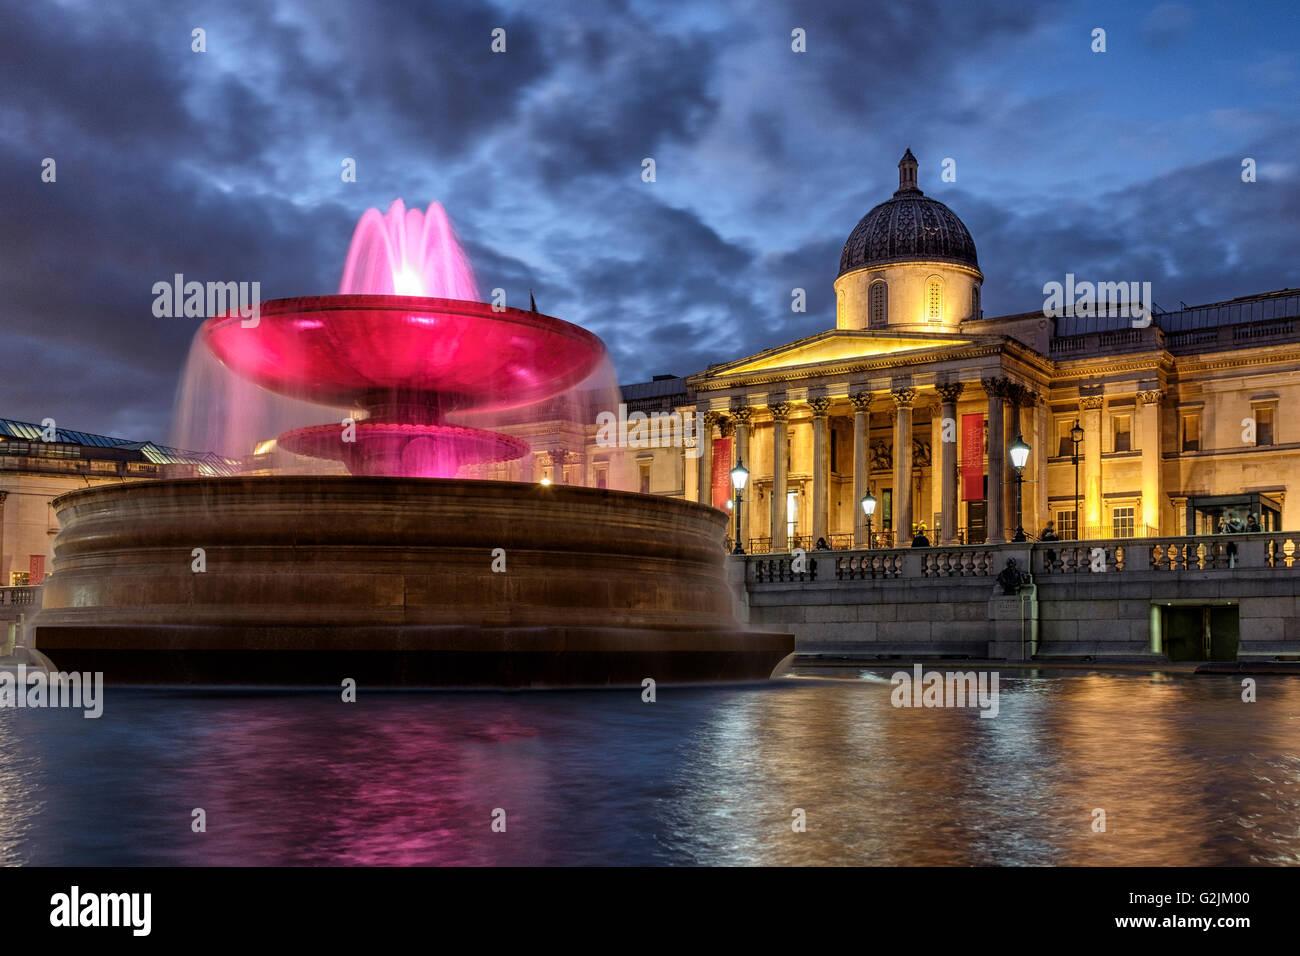 Beleuchteter Springbrunnen und die nationalen Galleryat Nacht, Trafalgar Square, London, England Stockbild